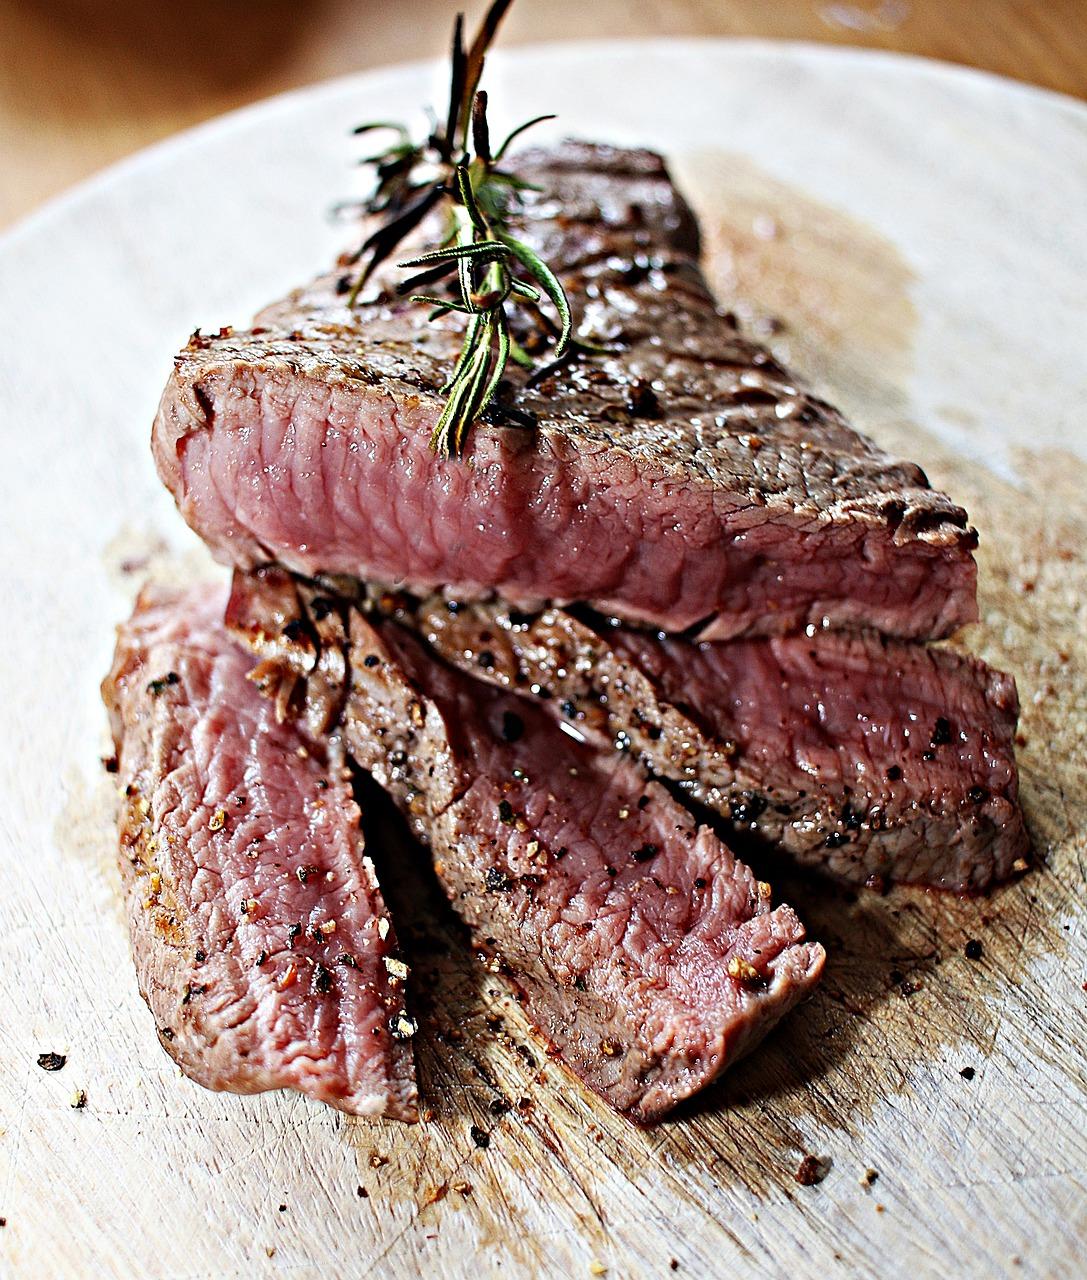 בשר במידת עשיה נכונה